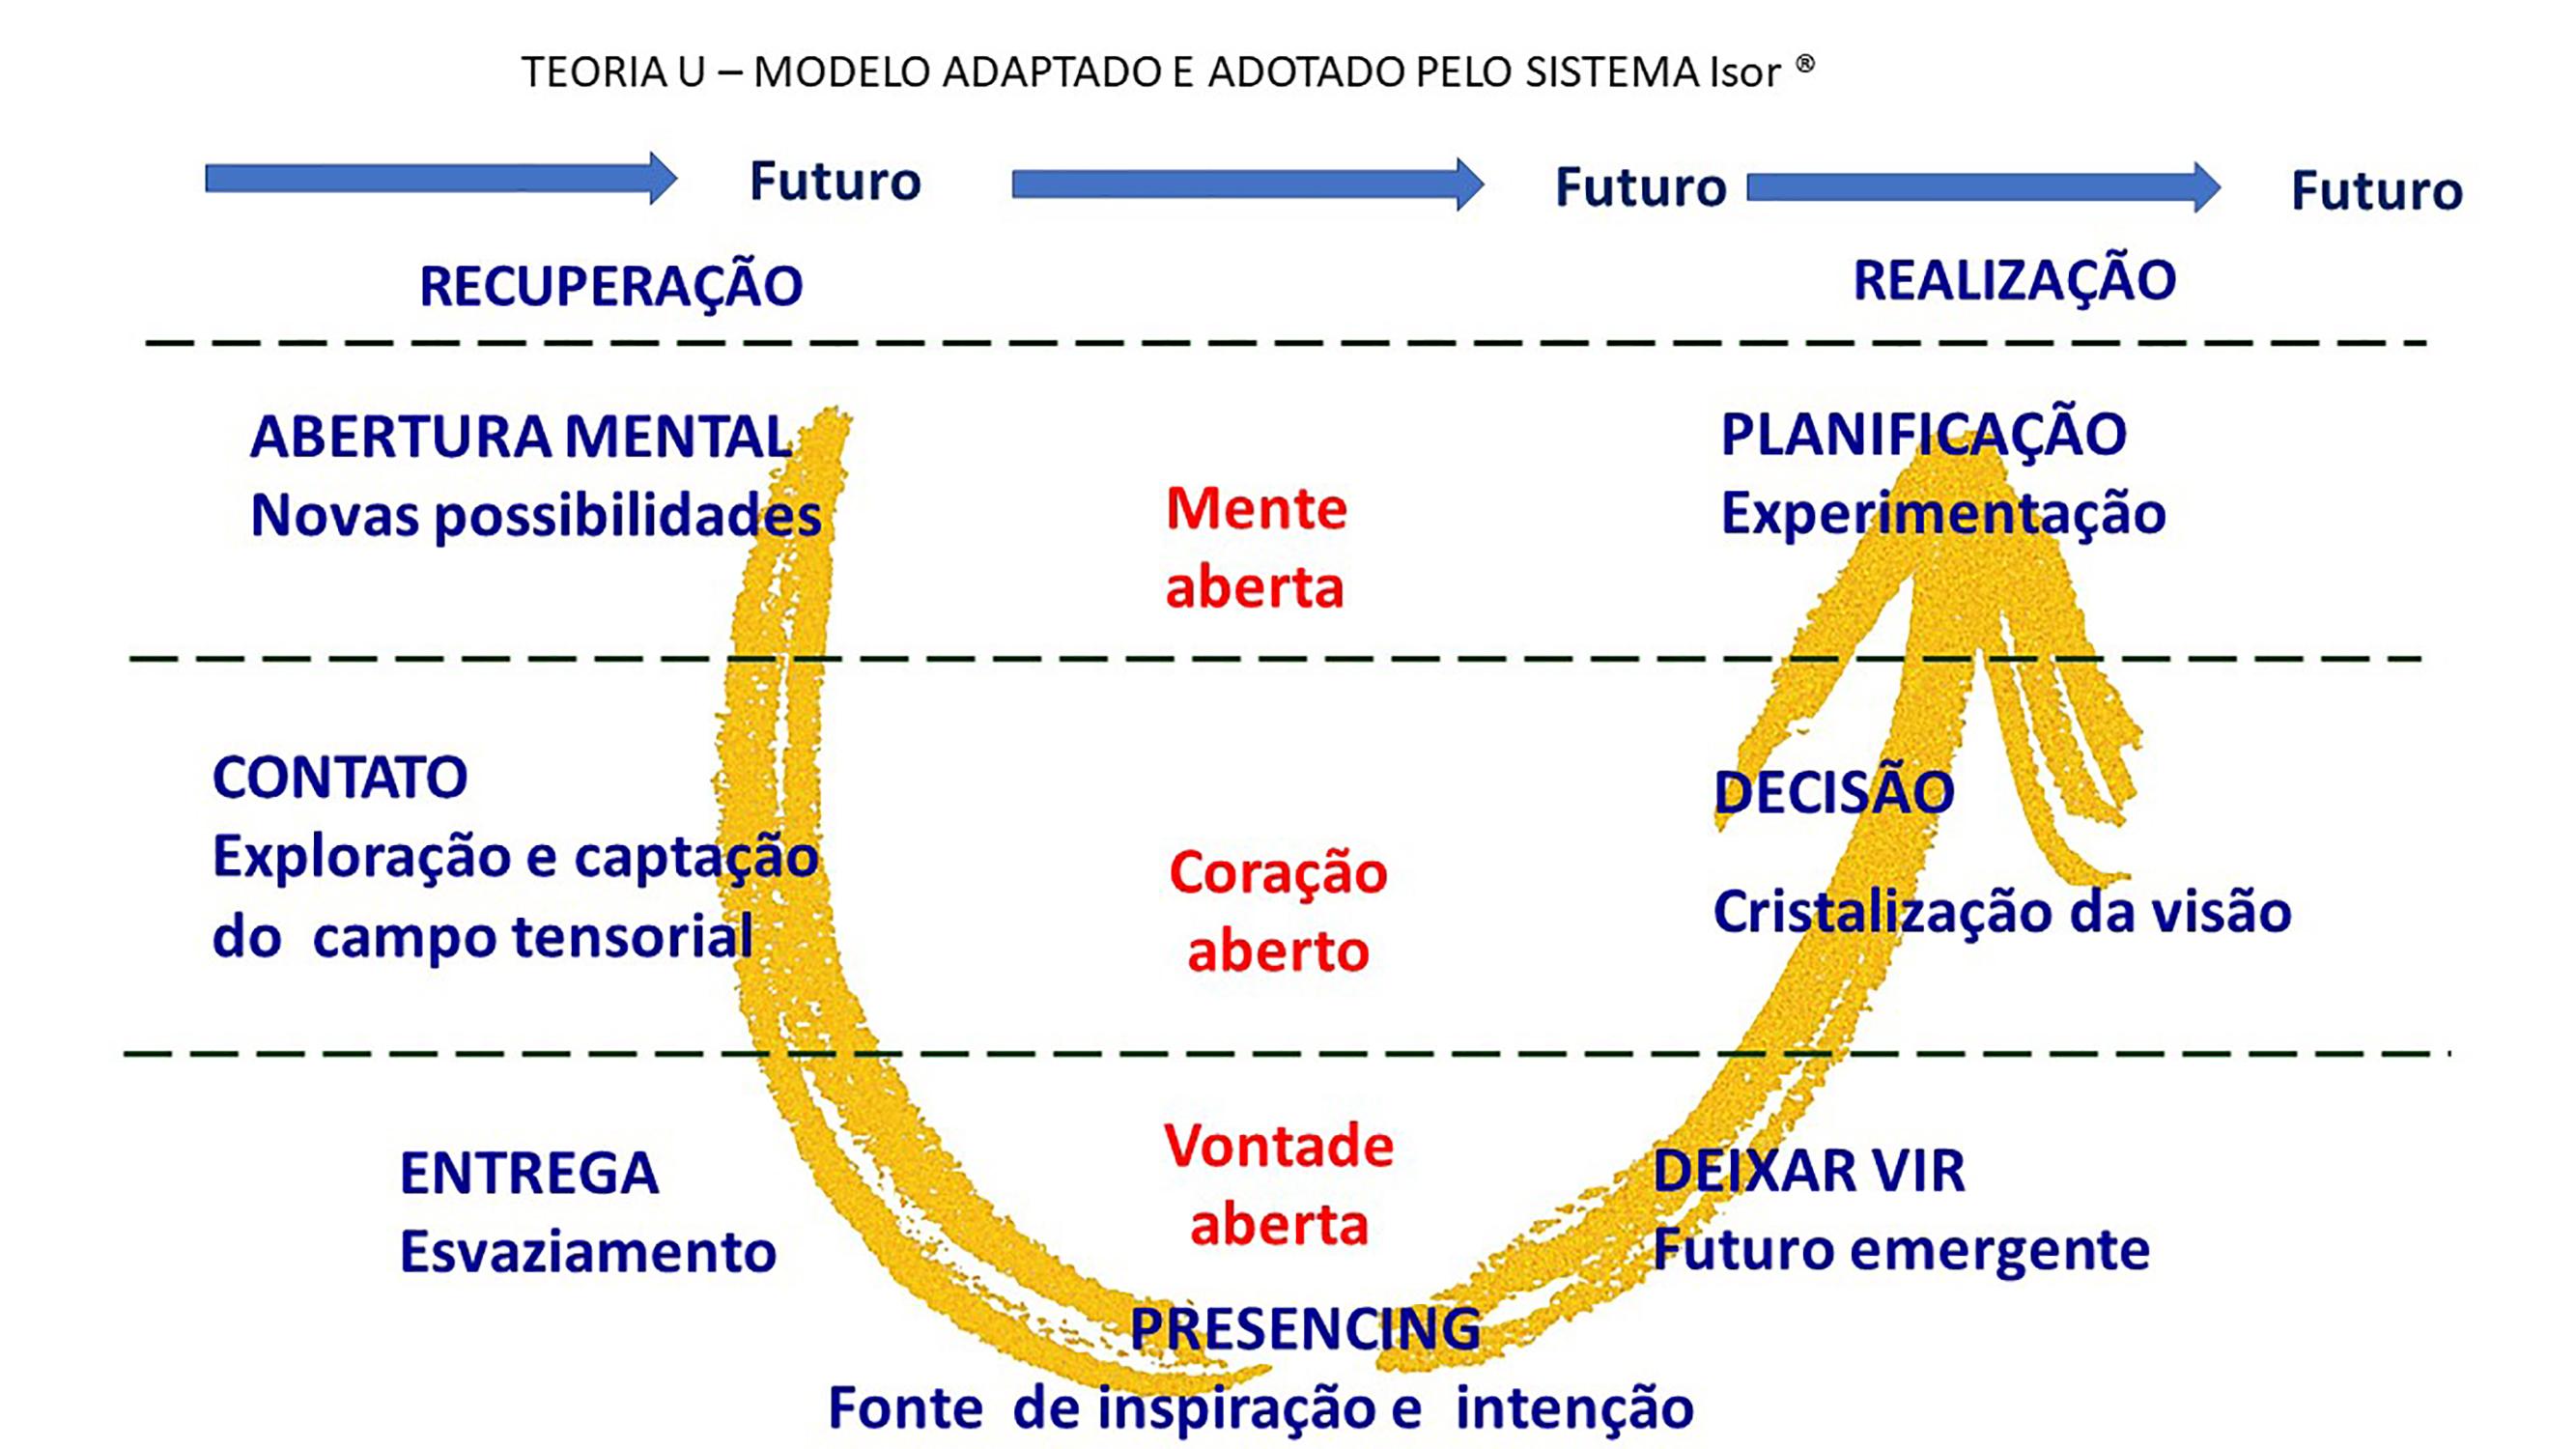 01 Imagem U alta resolucao 1 1 - Inteligência Coletiva com uso da Teoria U - servicos, historico, fatos, consultoria, blog